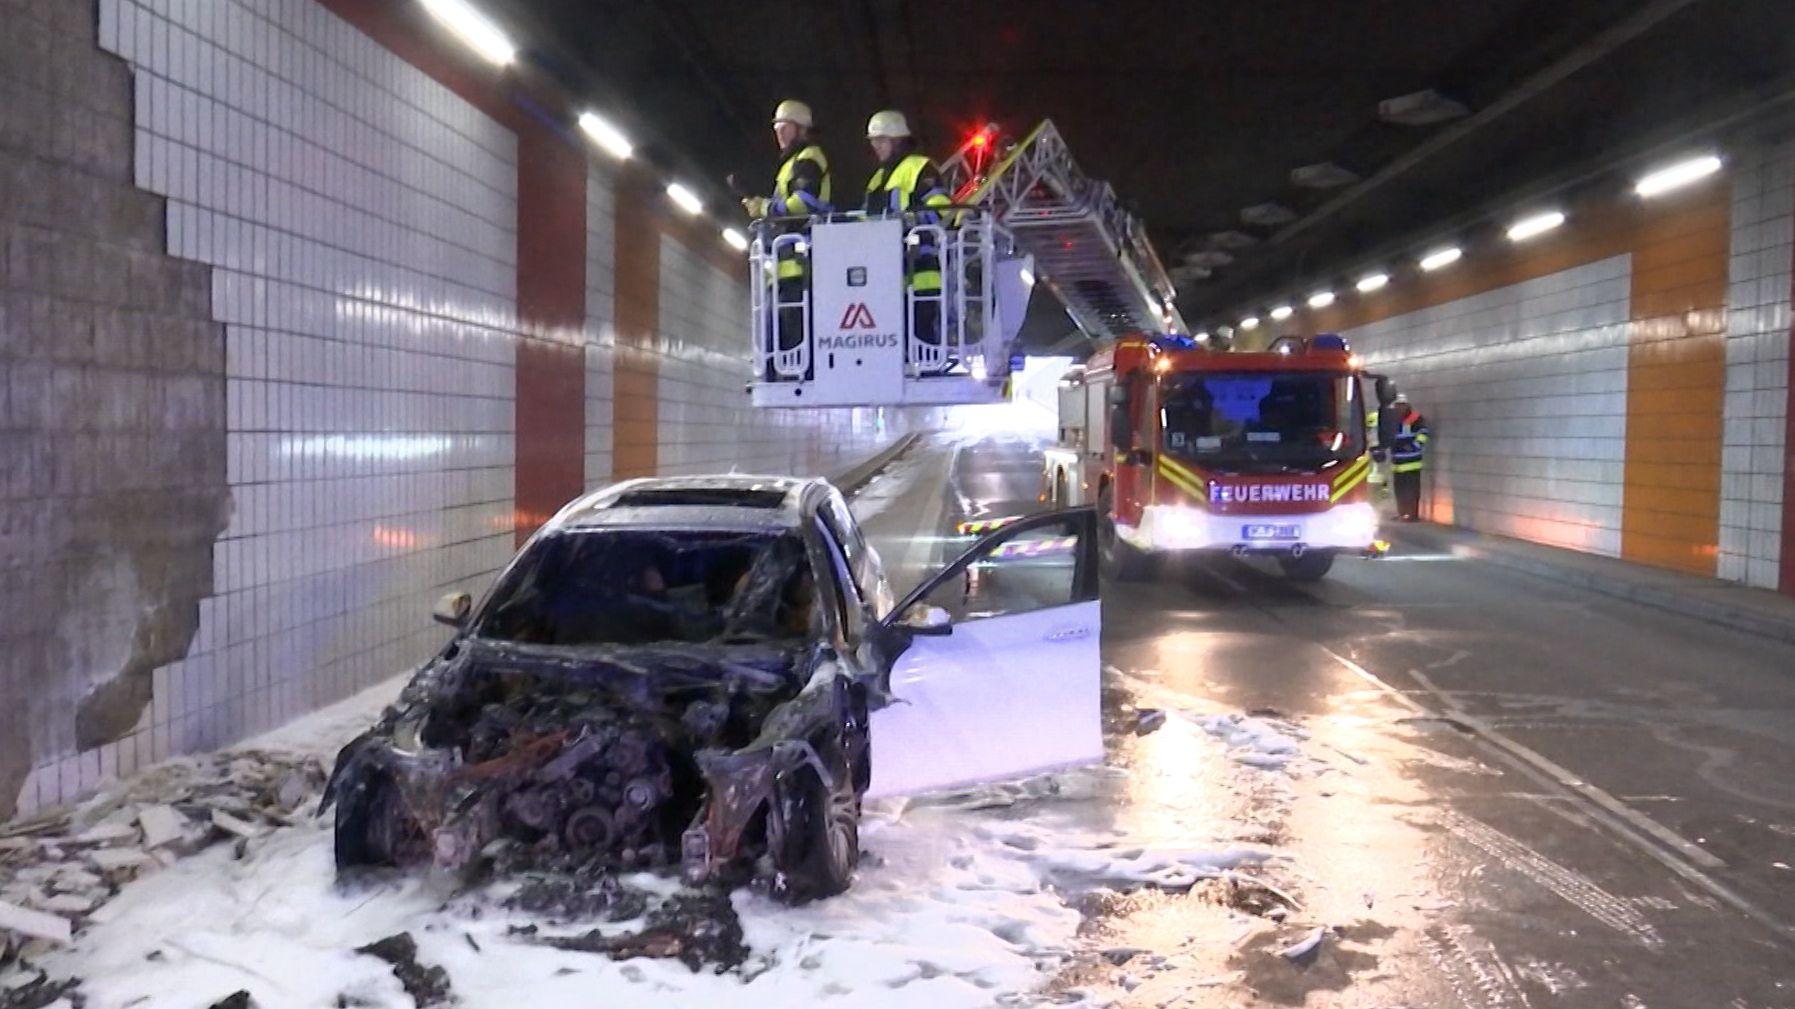 Ausgebranntes Auto im Tunnel auf dem Mittleren Ring